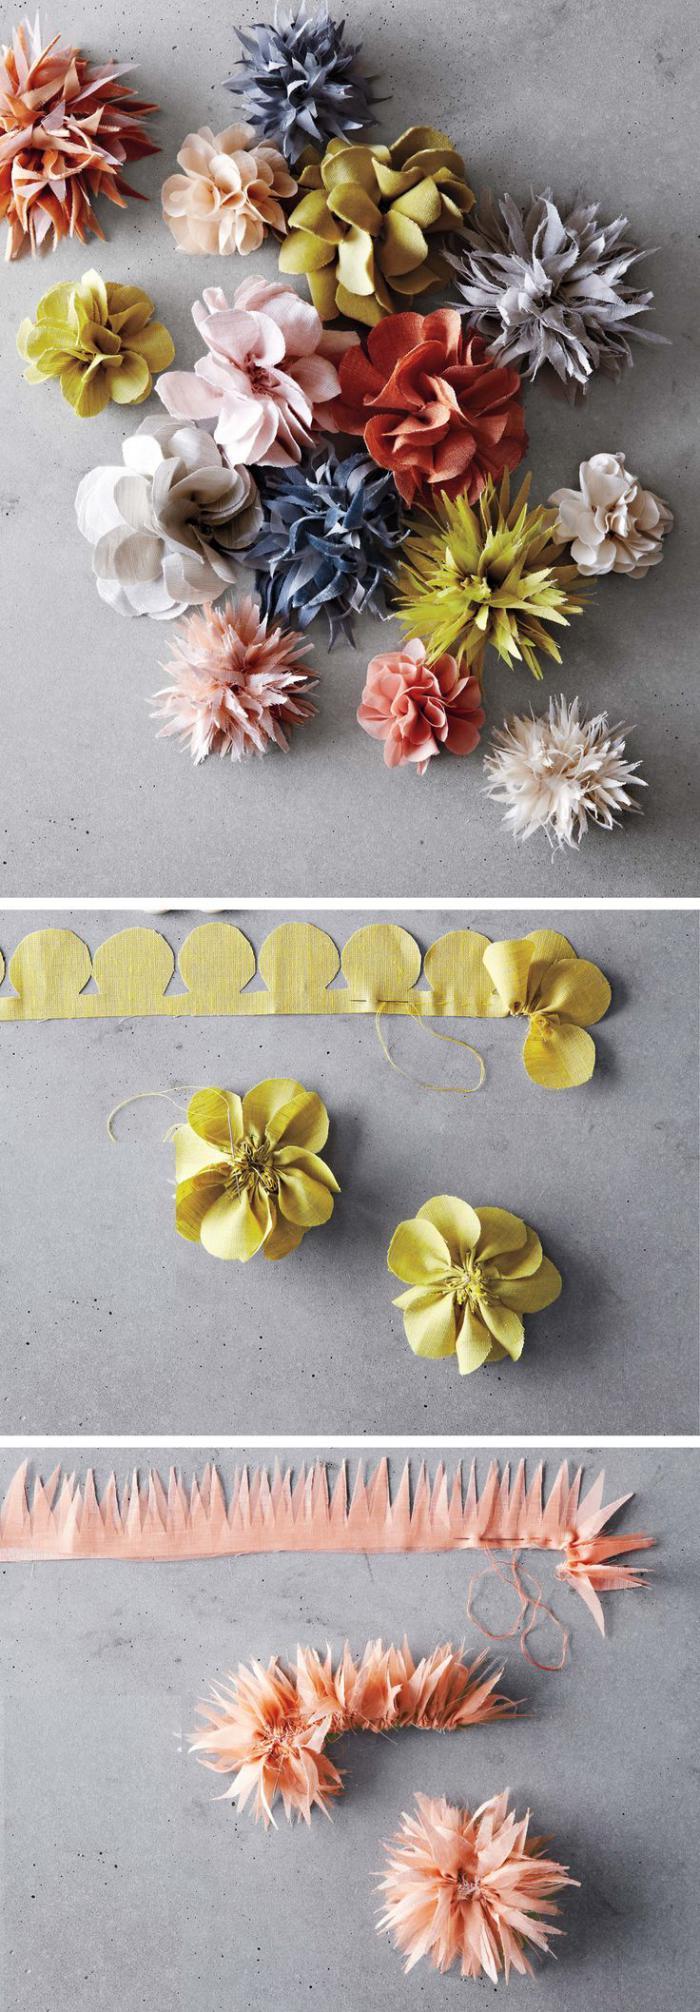 Essayez les fleurs en feutrine une jolie d coration pour plusieurs cas - Comment faire un bouquet de fleurs ...